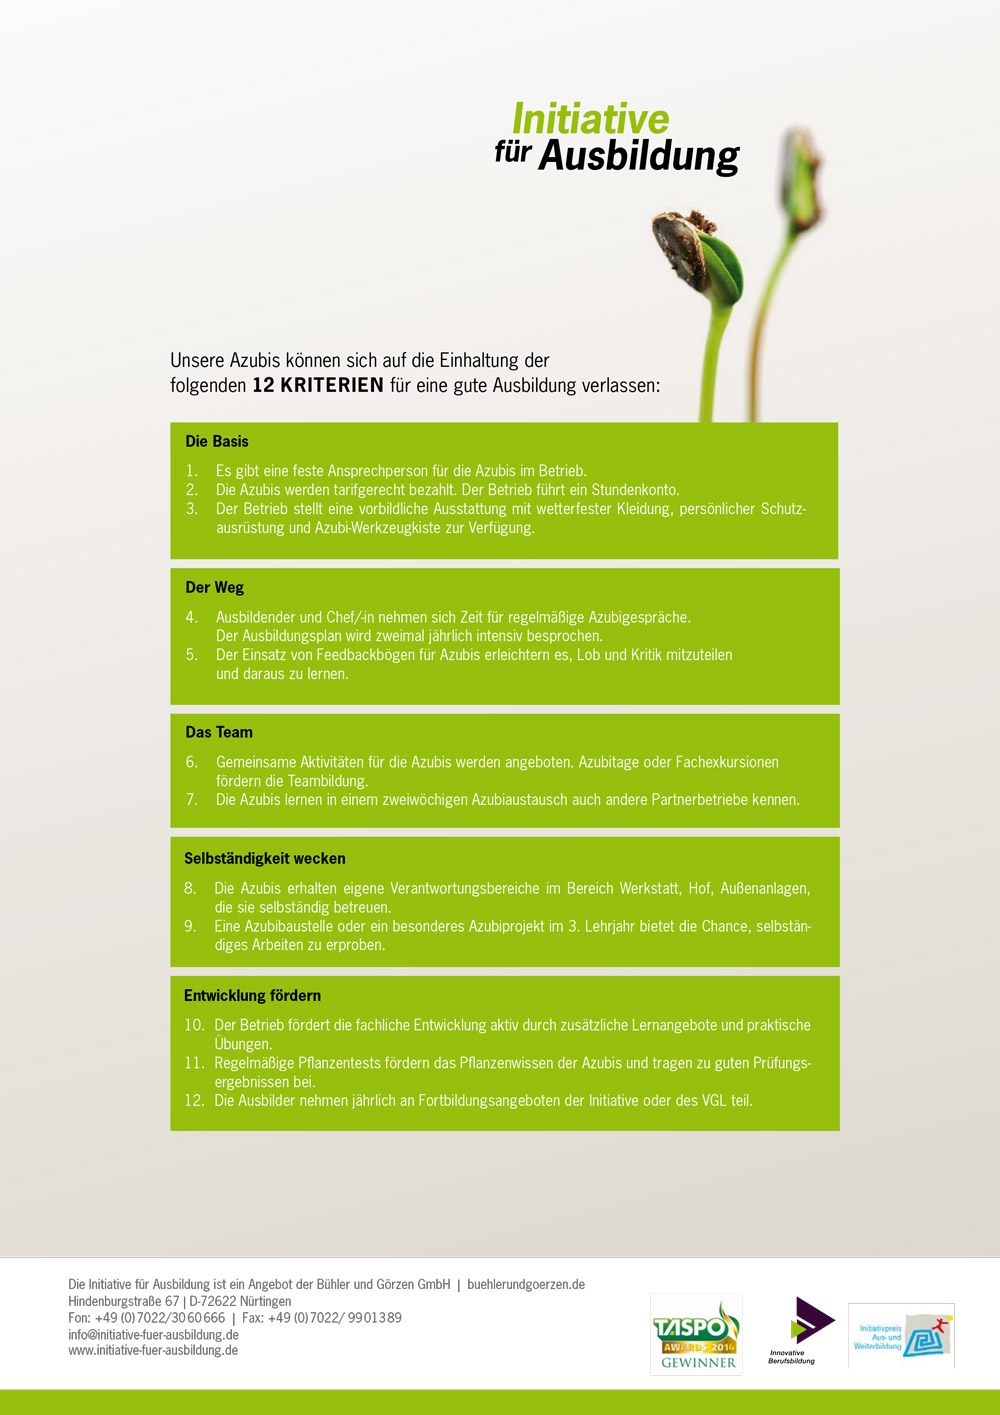 12 Kriterien für Ausbildung